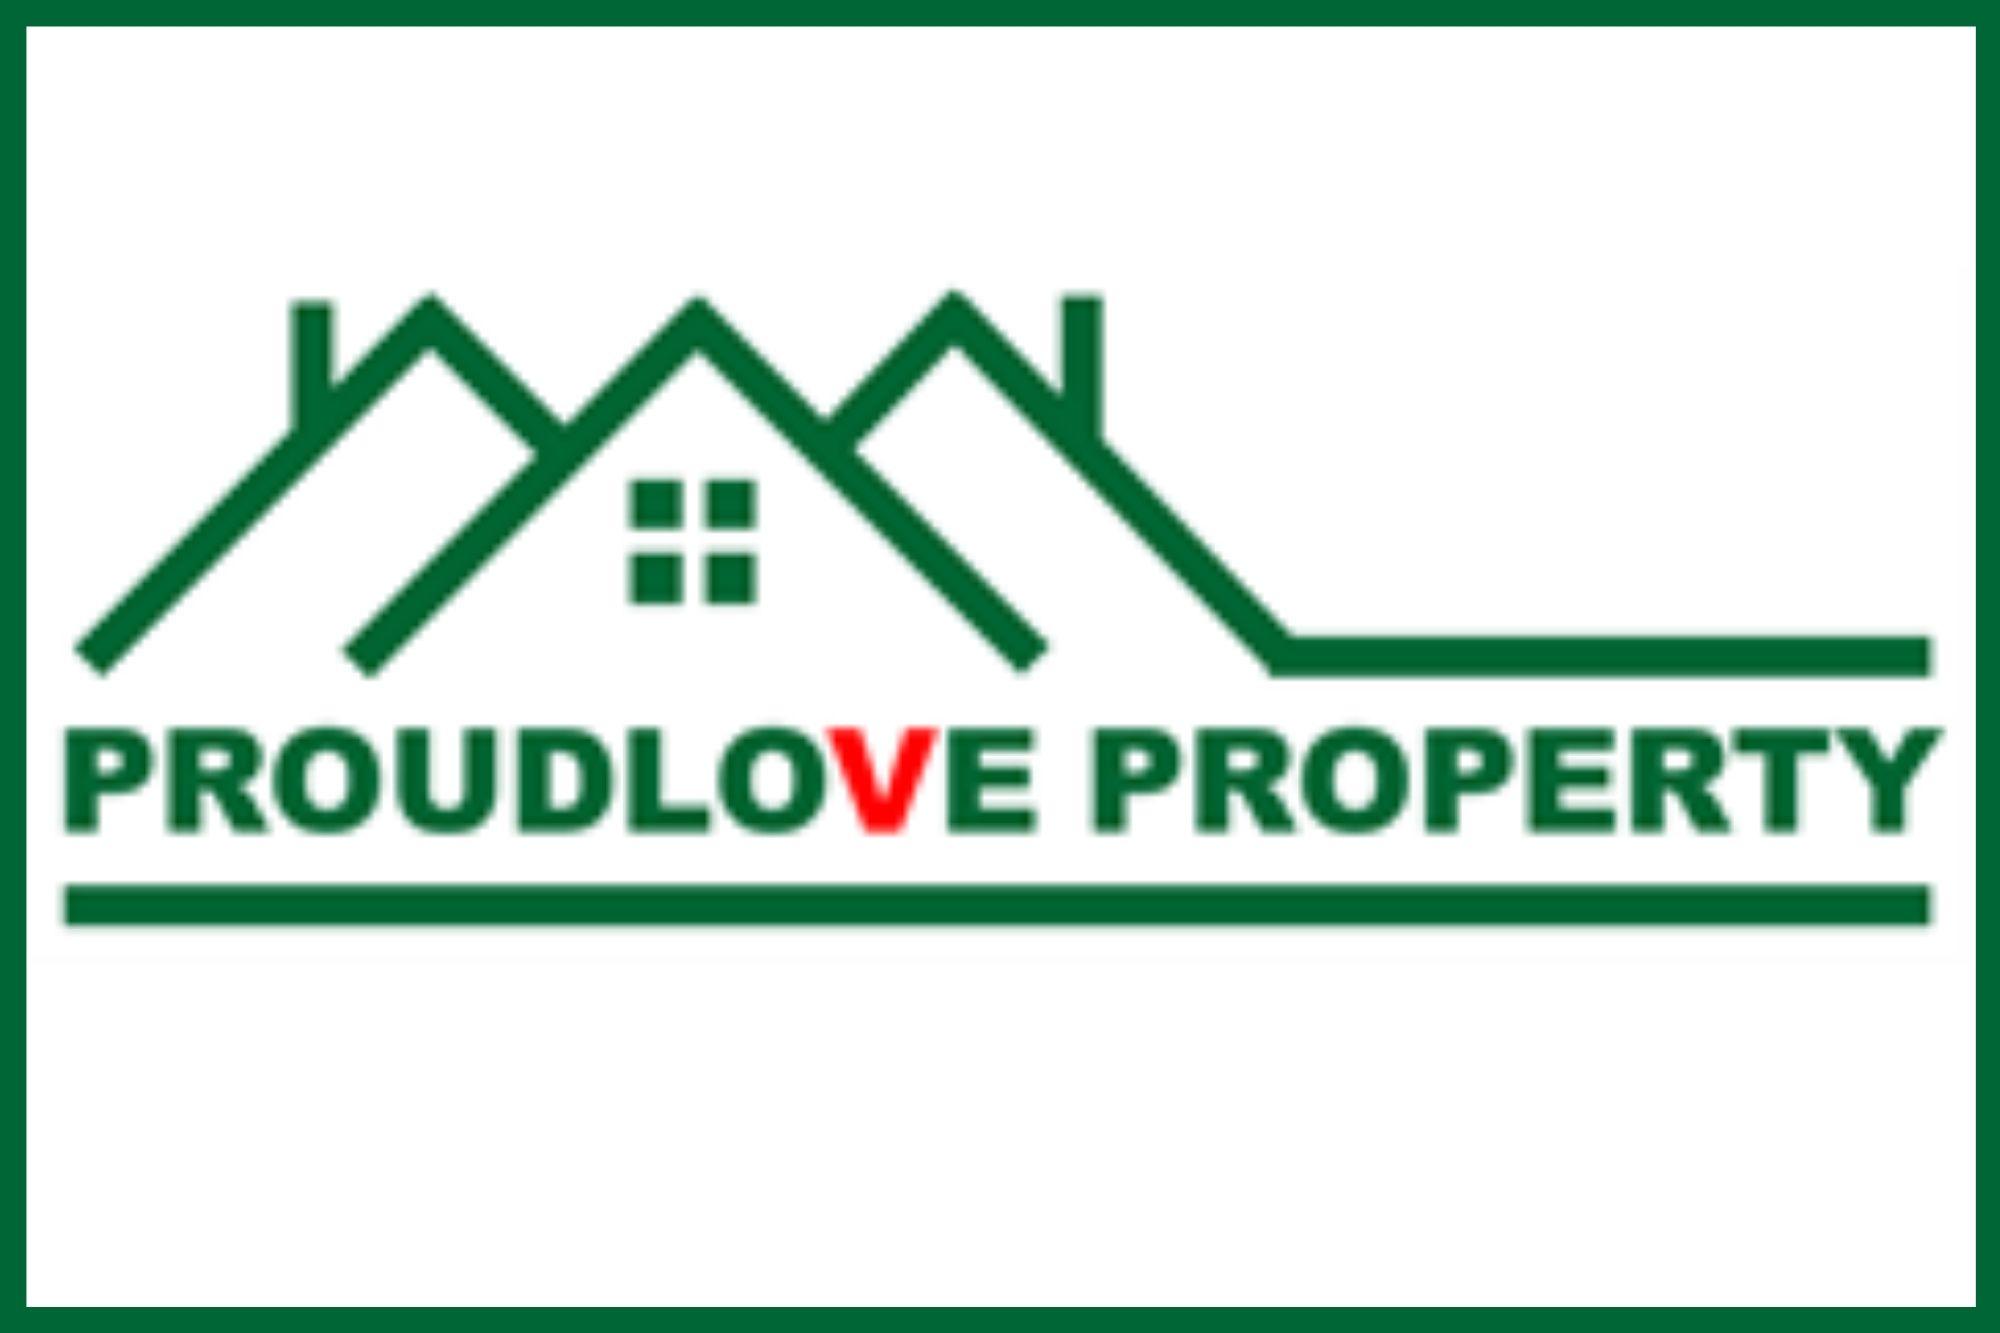 Proudlove Property